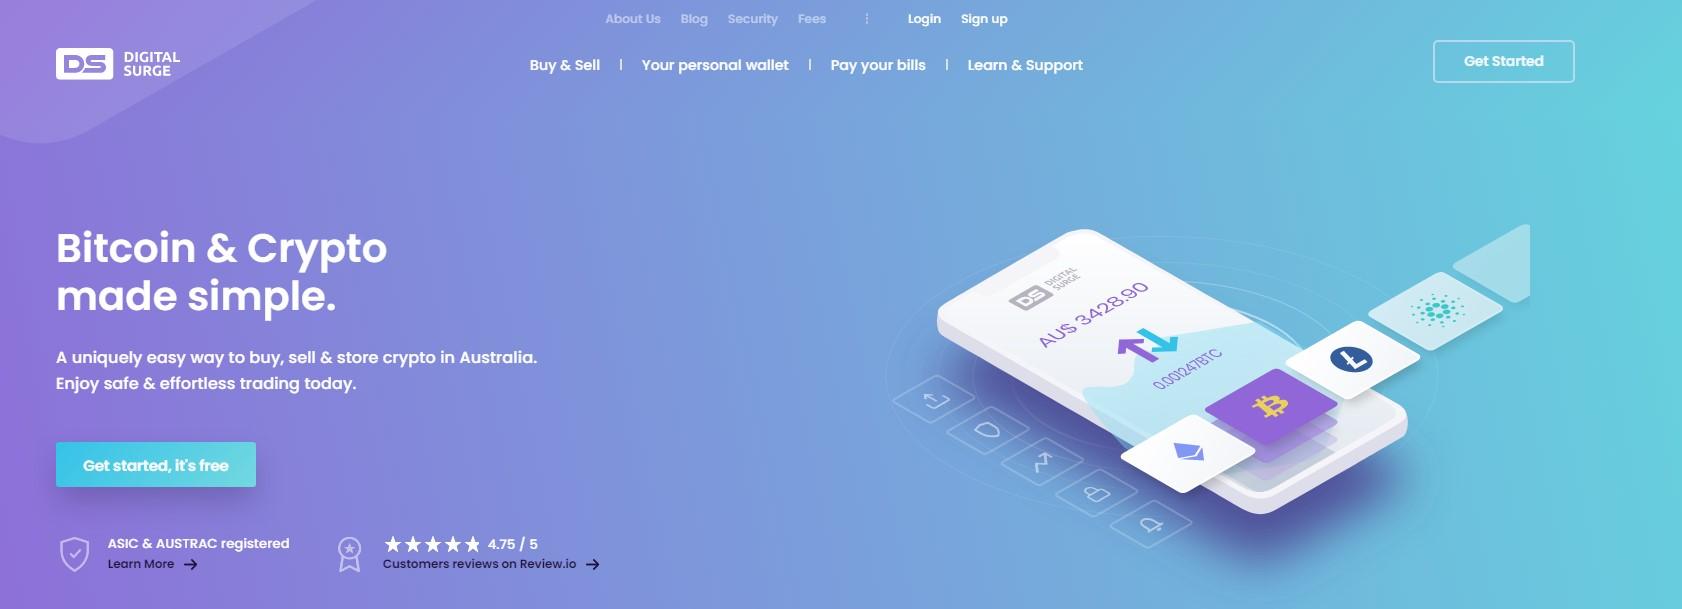 Digital Surge homepage